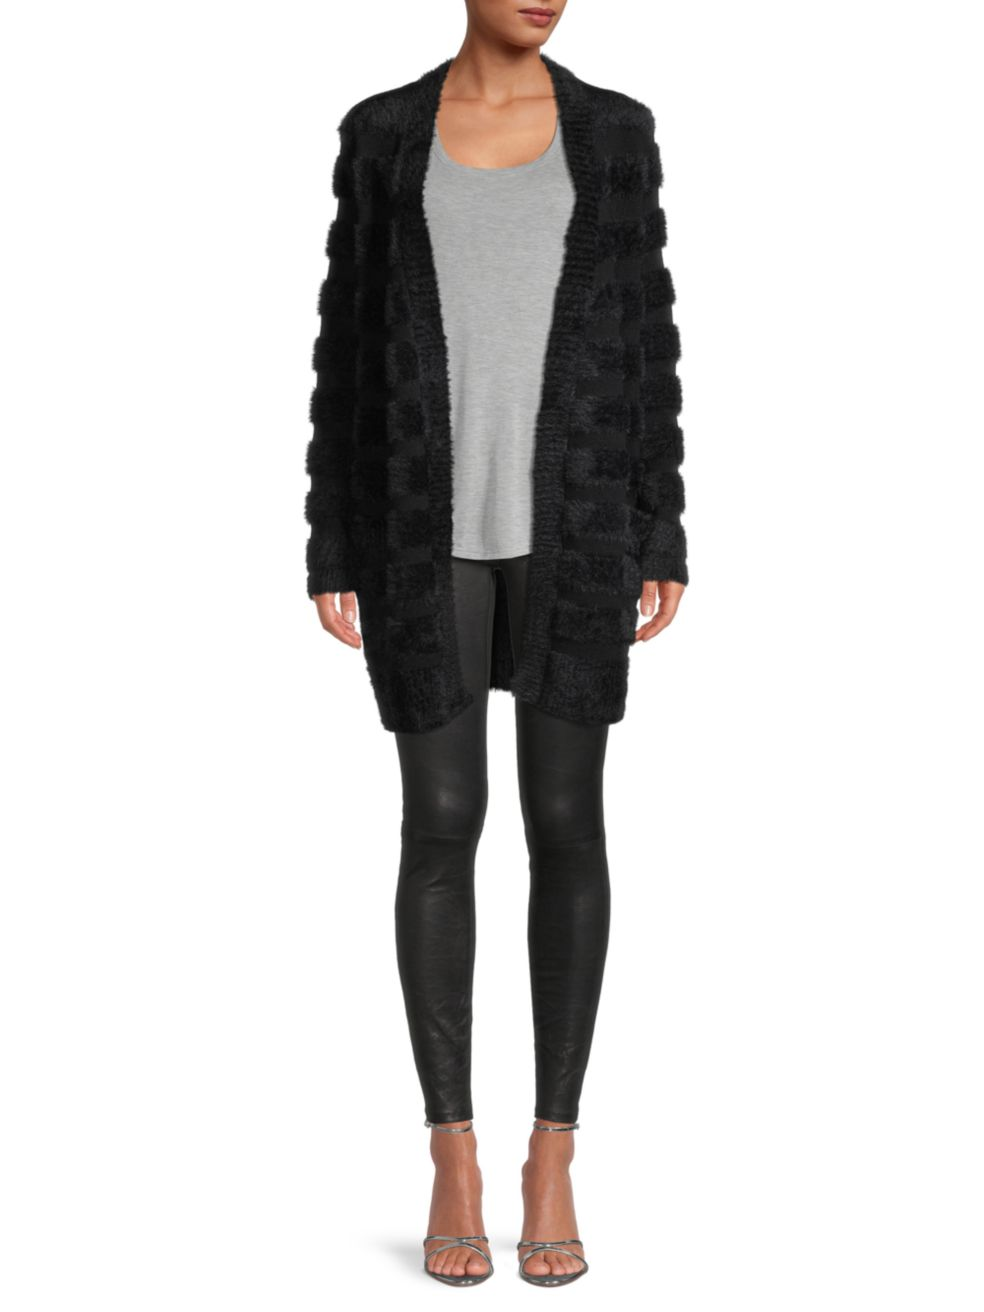 Milly Fuzzy Knit Wrap Cardigan | SaksFifthAvenue